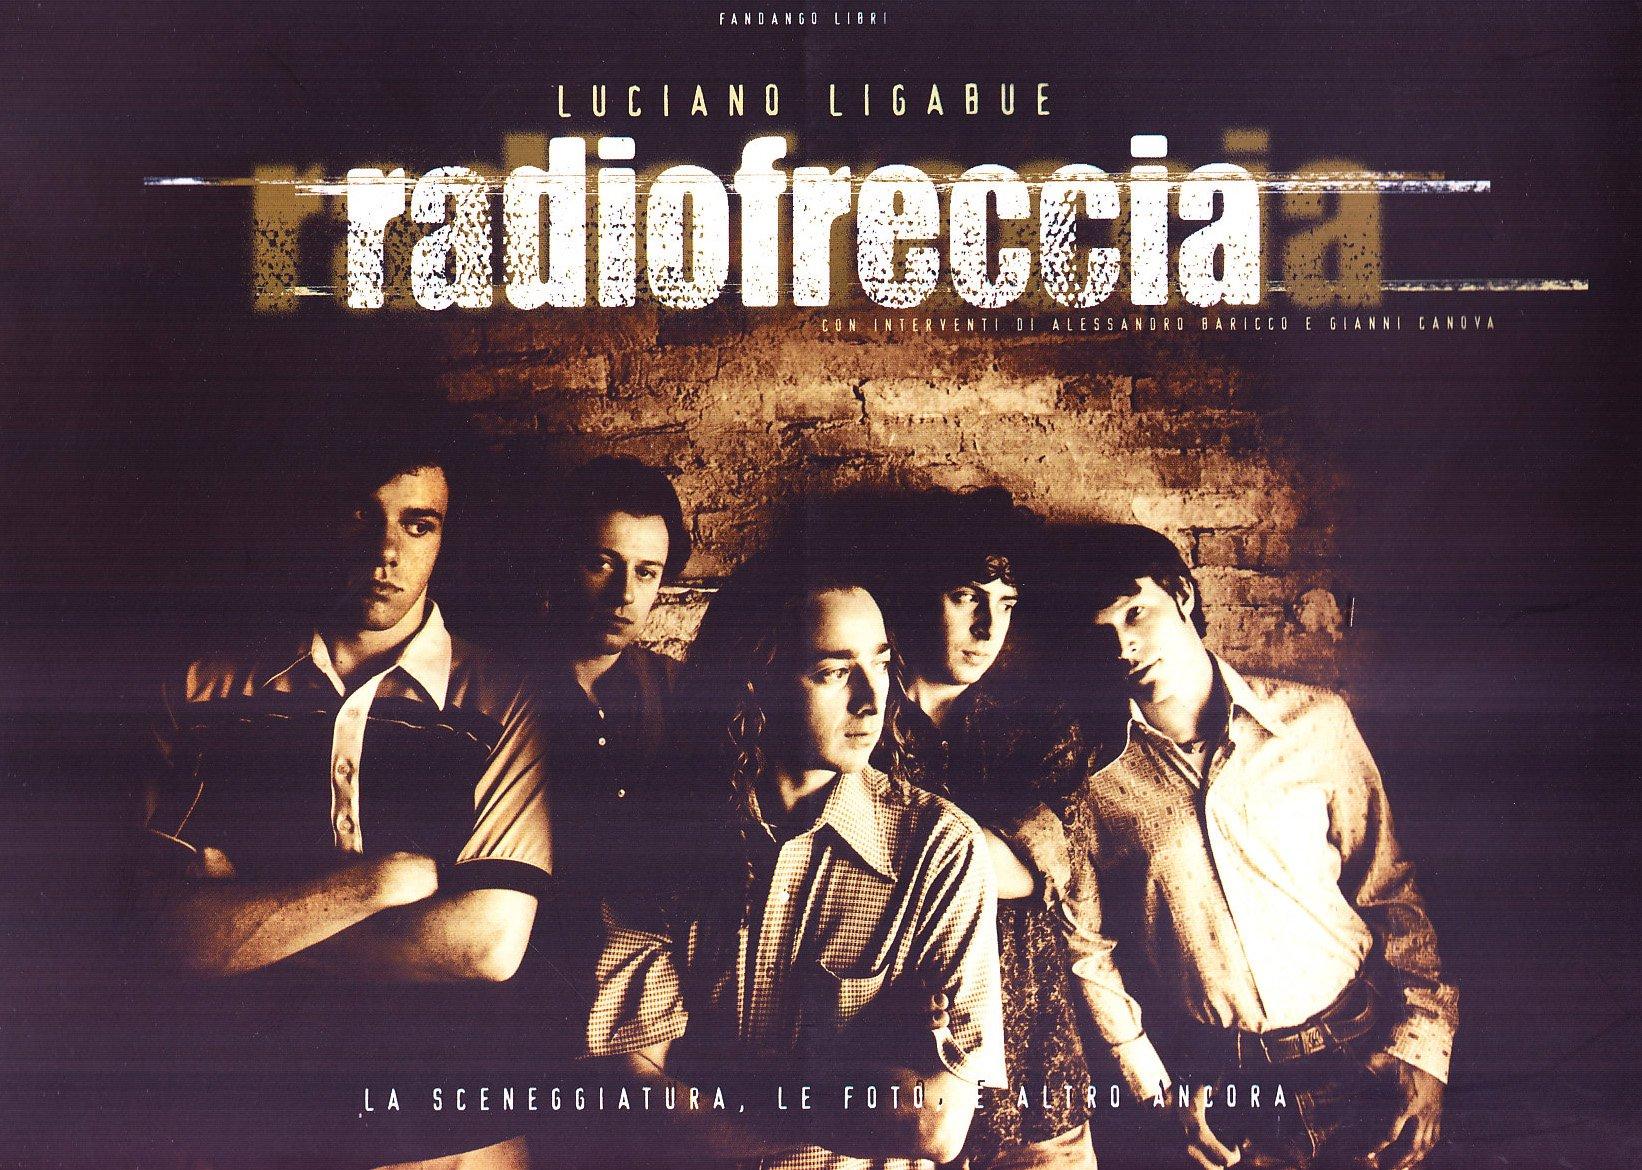 Radiofreccia_Ligabue